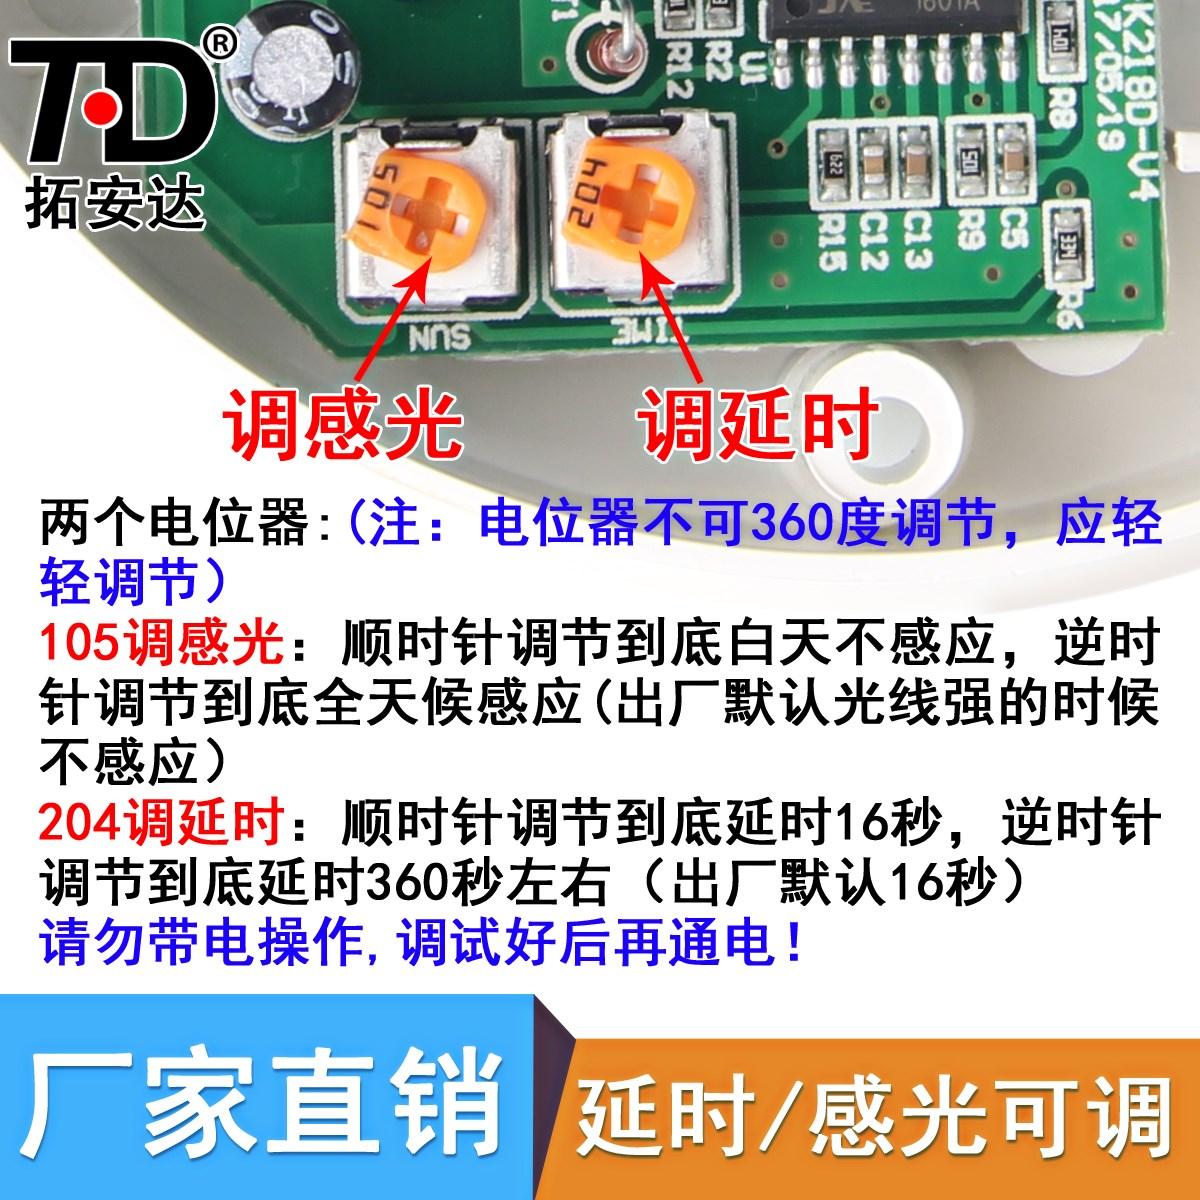 سقف جسم الإنسان استشعار الأشعة تحت الحمراء التبديل عالية الطاقة LED مصباح 220 فولت الممر تأخير التبديل الذكية